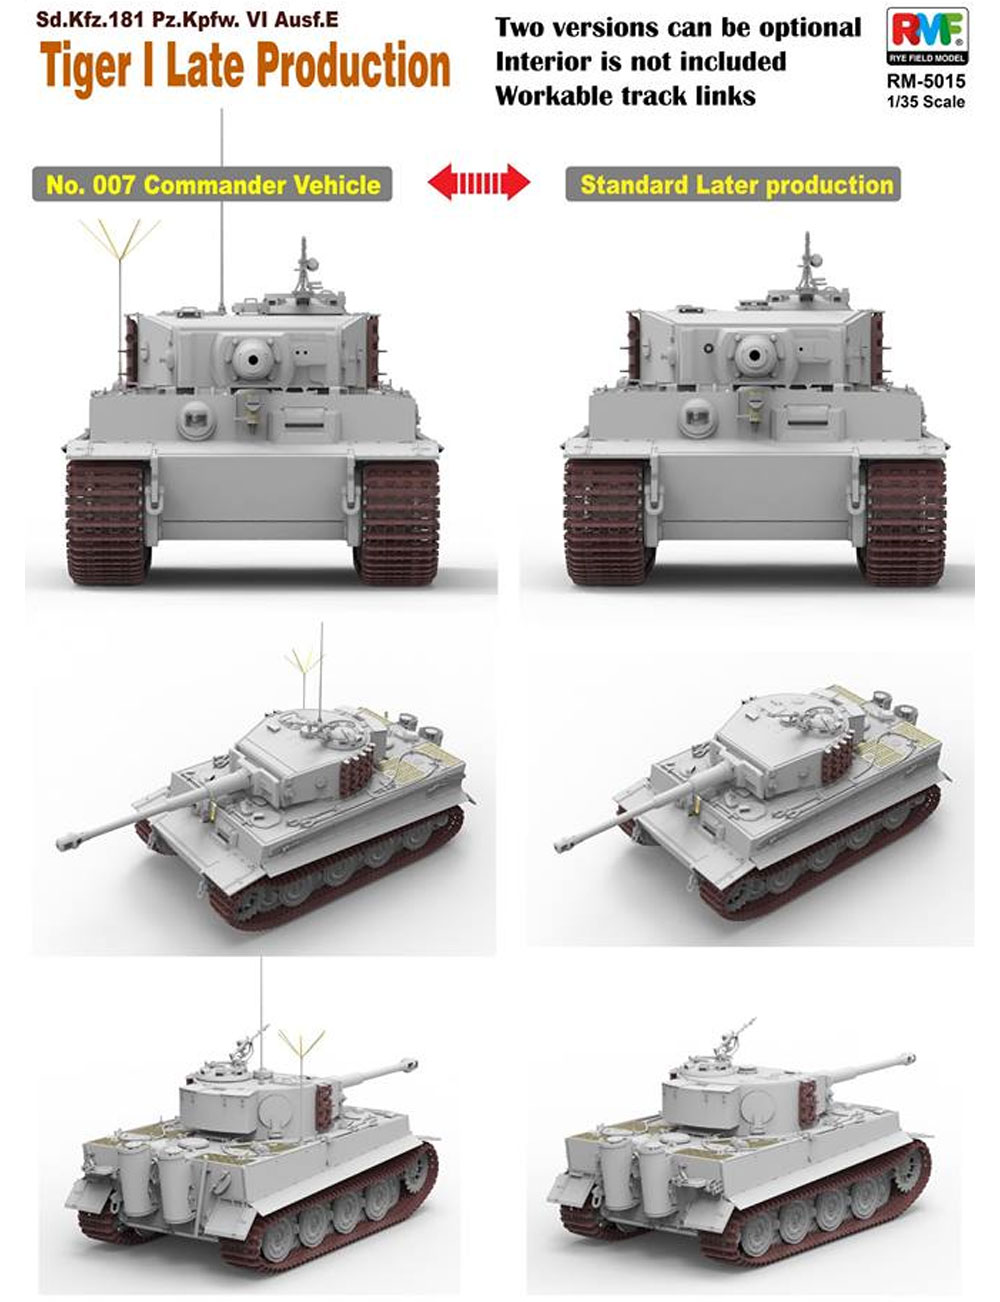 ドイツ 重戦車 Sd.Kfz.181 タイガー 1 後期型プラモデル(ライ フィールド モデル1/35 AFVNo.RM-5015)商品画像_2